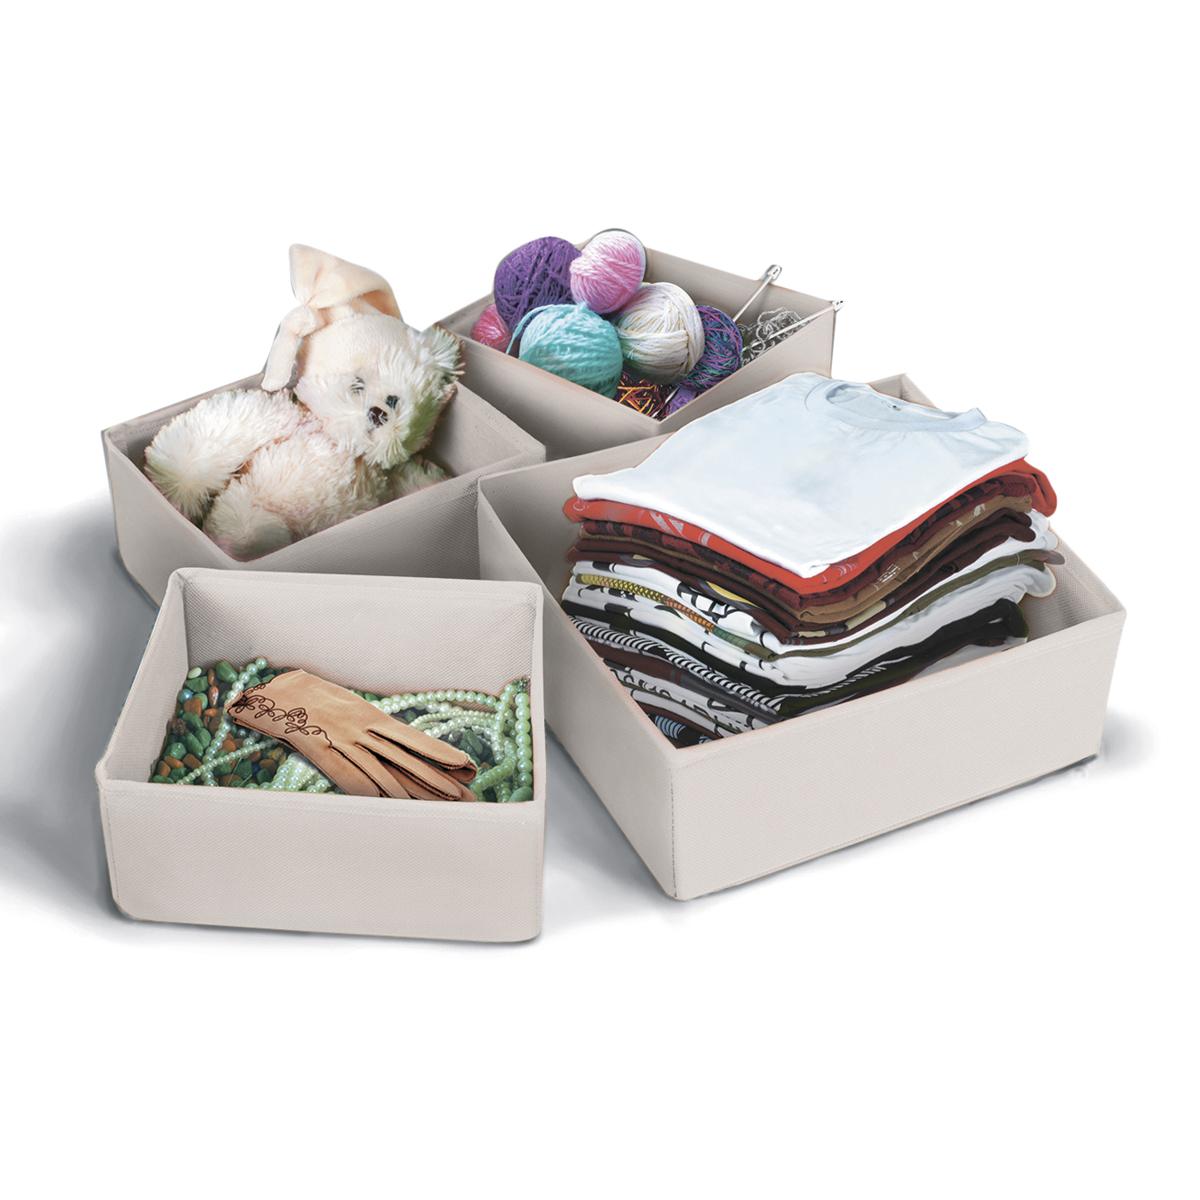 Набор коробок для хранения вещей Miolla, цвет: бежевый, 4 предметаCHL-8-6Набор Miolla состоит из 4 коробок разного размера для хранения различных вещей. Коробки выполнены из высококачественного нетканого материала, который не пропускает пыль, но при этом позволяет воздуху свободно проникать внутрь, обеспечивая естественную вентиляцию. Благодаря специальным картонным вставкам, коробки прекрасно держат форму. Особая конструкция позволяет при необходимости сложить или разложить коробку. Благодаря вместительности коробок вы сможете сэкономить место в вашем доме, и все вещи всегда будут в порядке. Размеры коробок: 260 х 260 х 80 см, 260 х 140 х 80 см, 200 х 160 х 80 см, 200 х 160 х 80 см.